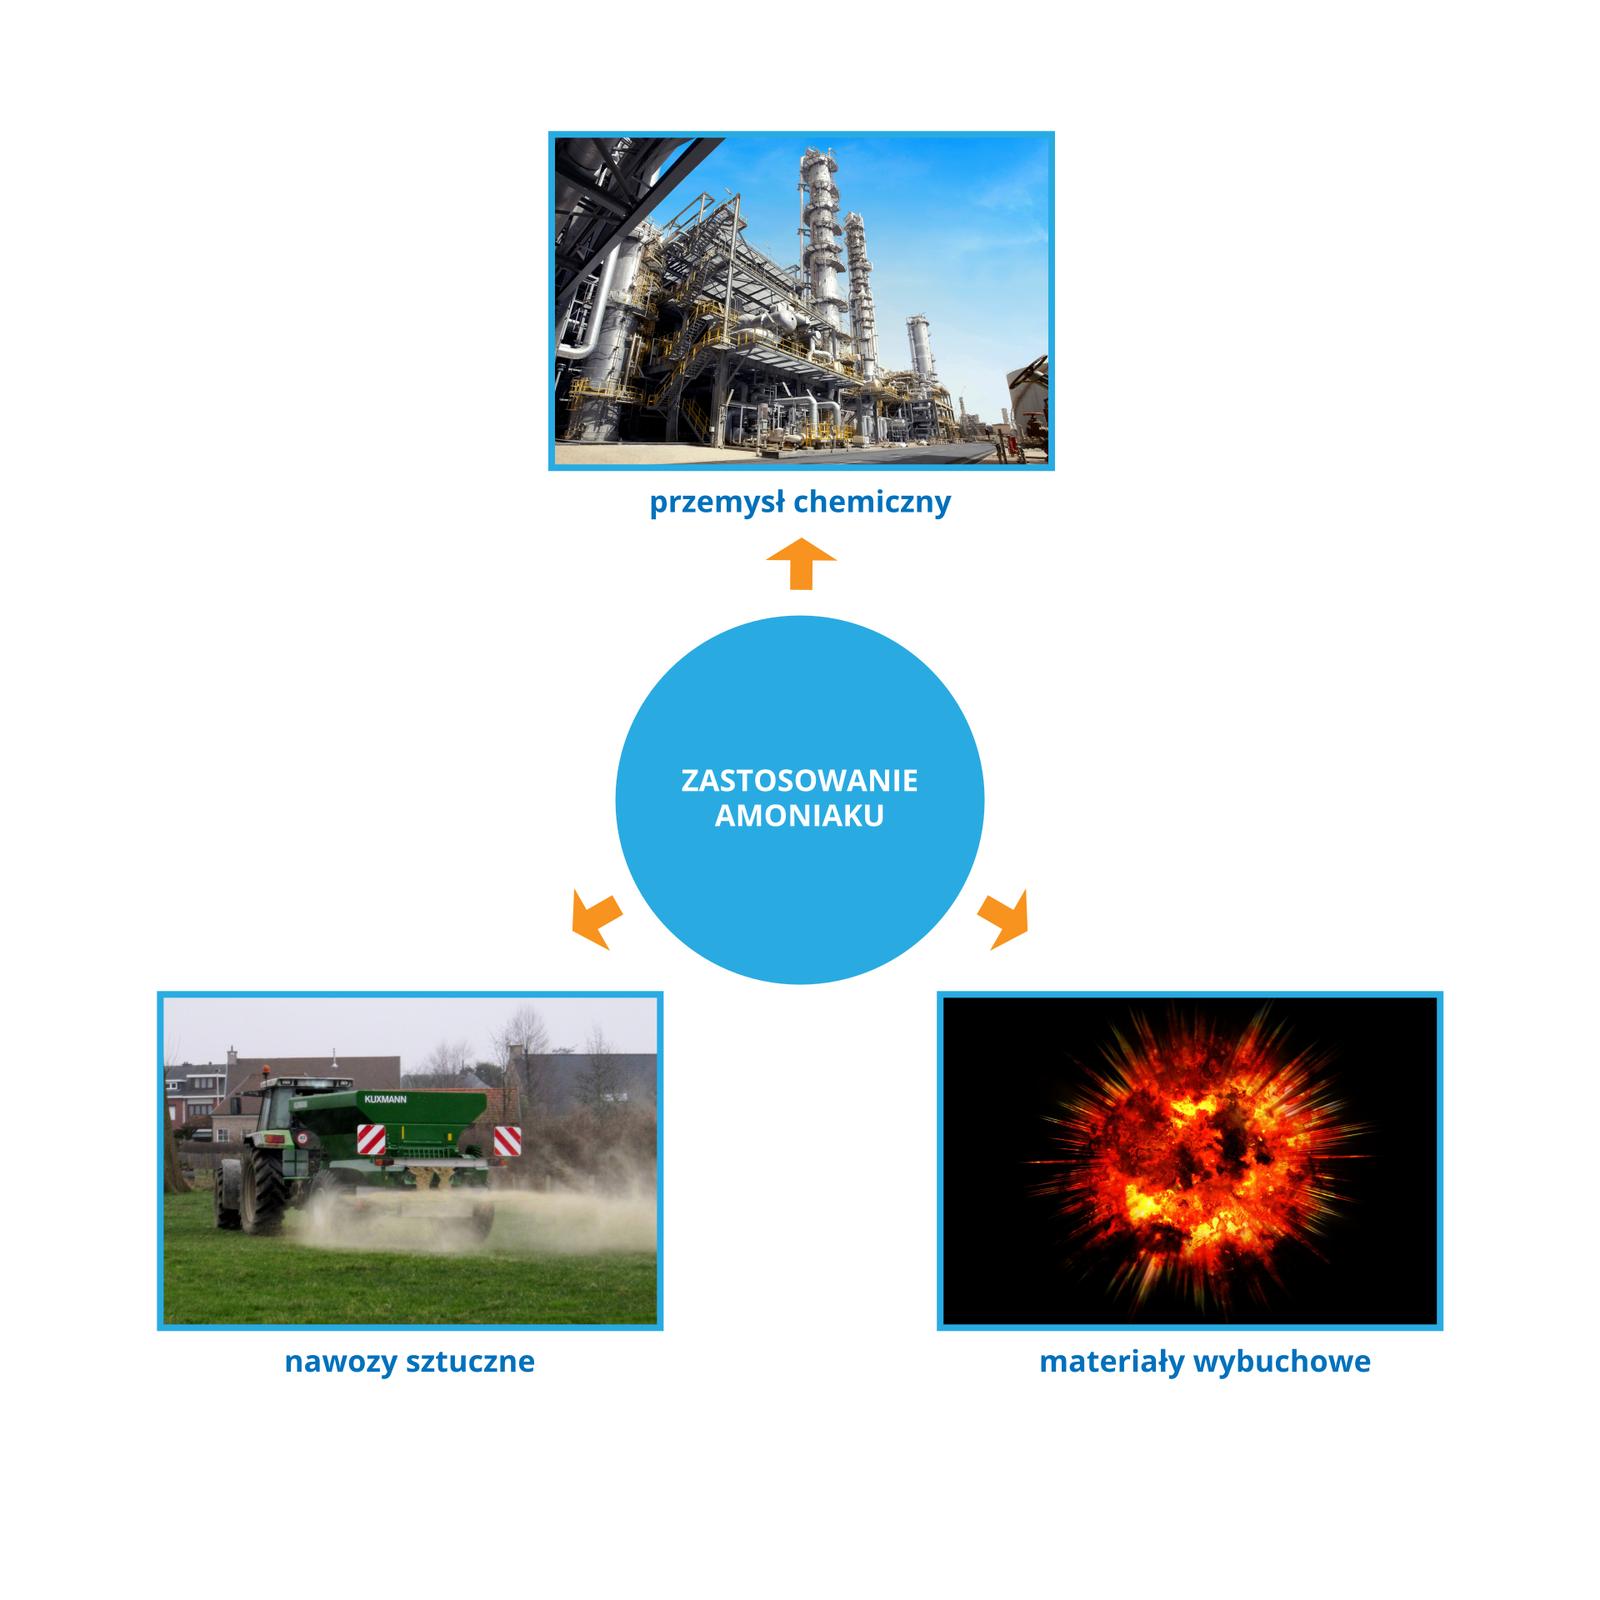 Budowa, właściwości izastosowanie amoniaku